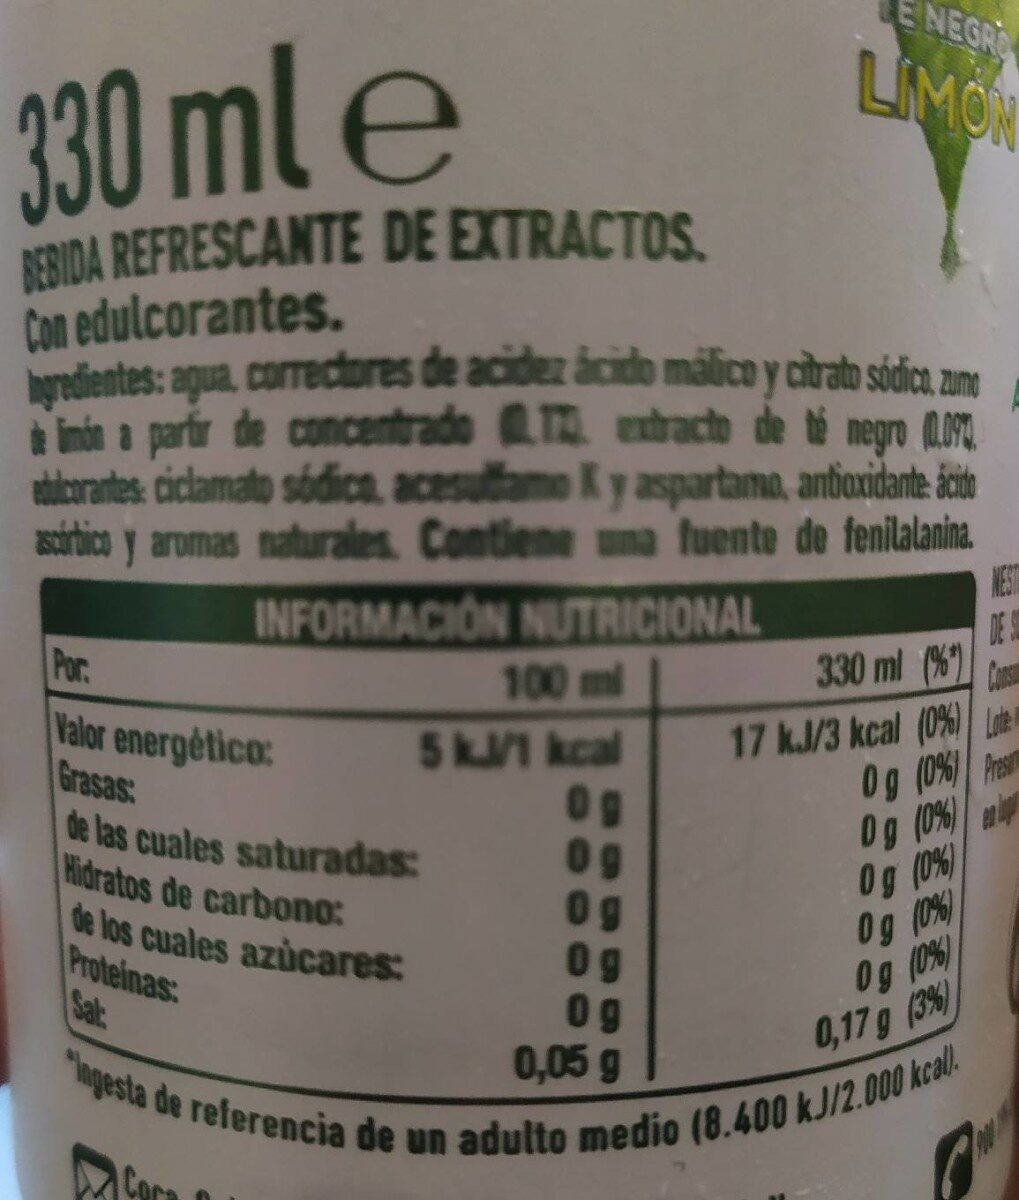 Refresco de té negro con limón sin azúcar sin calorías - Voedingswaarden - fr